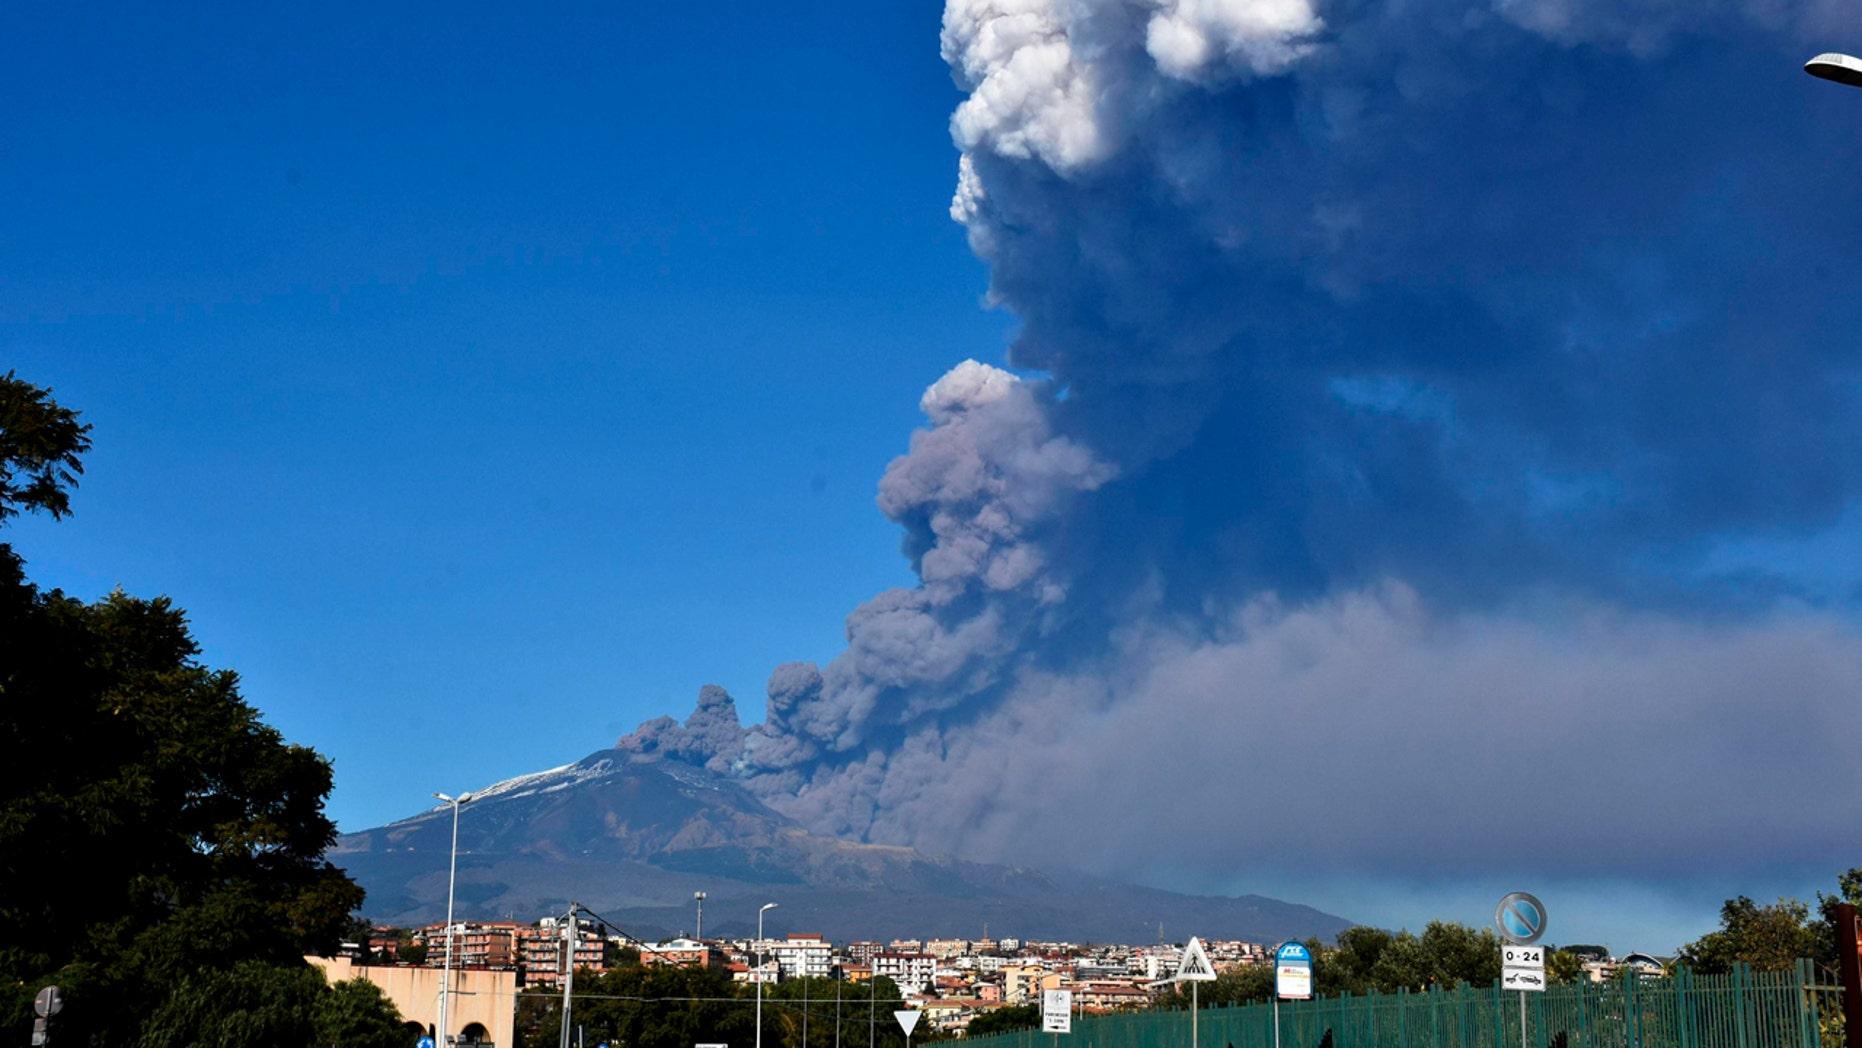 Italie : l'éruption du mont Etna provoque un séisme en Sicile, blessant au moins 10 personnes 1